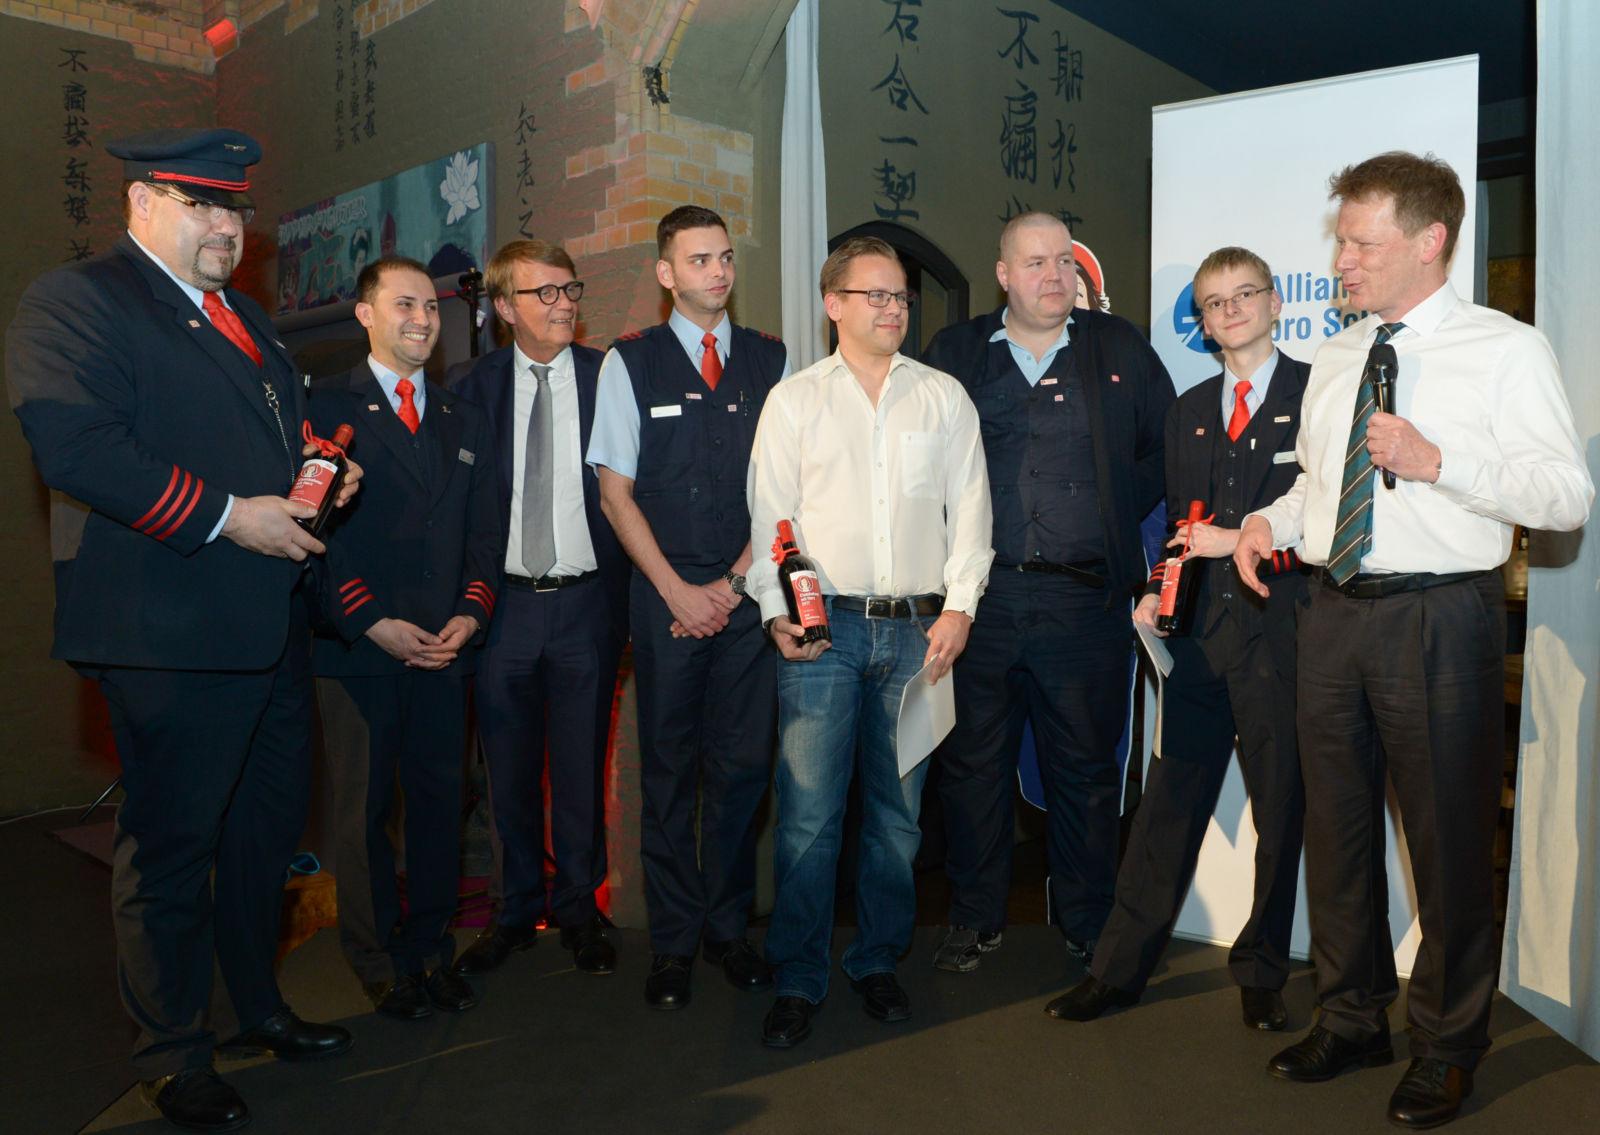 Hielt eine bewegende Rede: Bahnchef Lutz und Ronald Pofalla mit Mitarbeitern